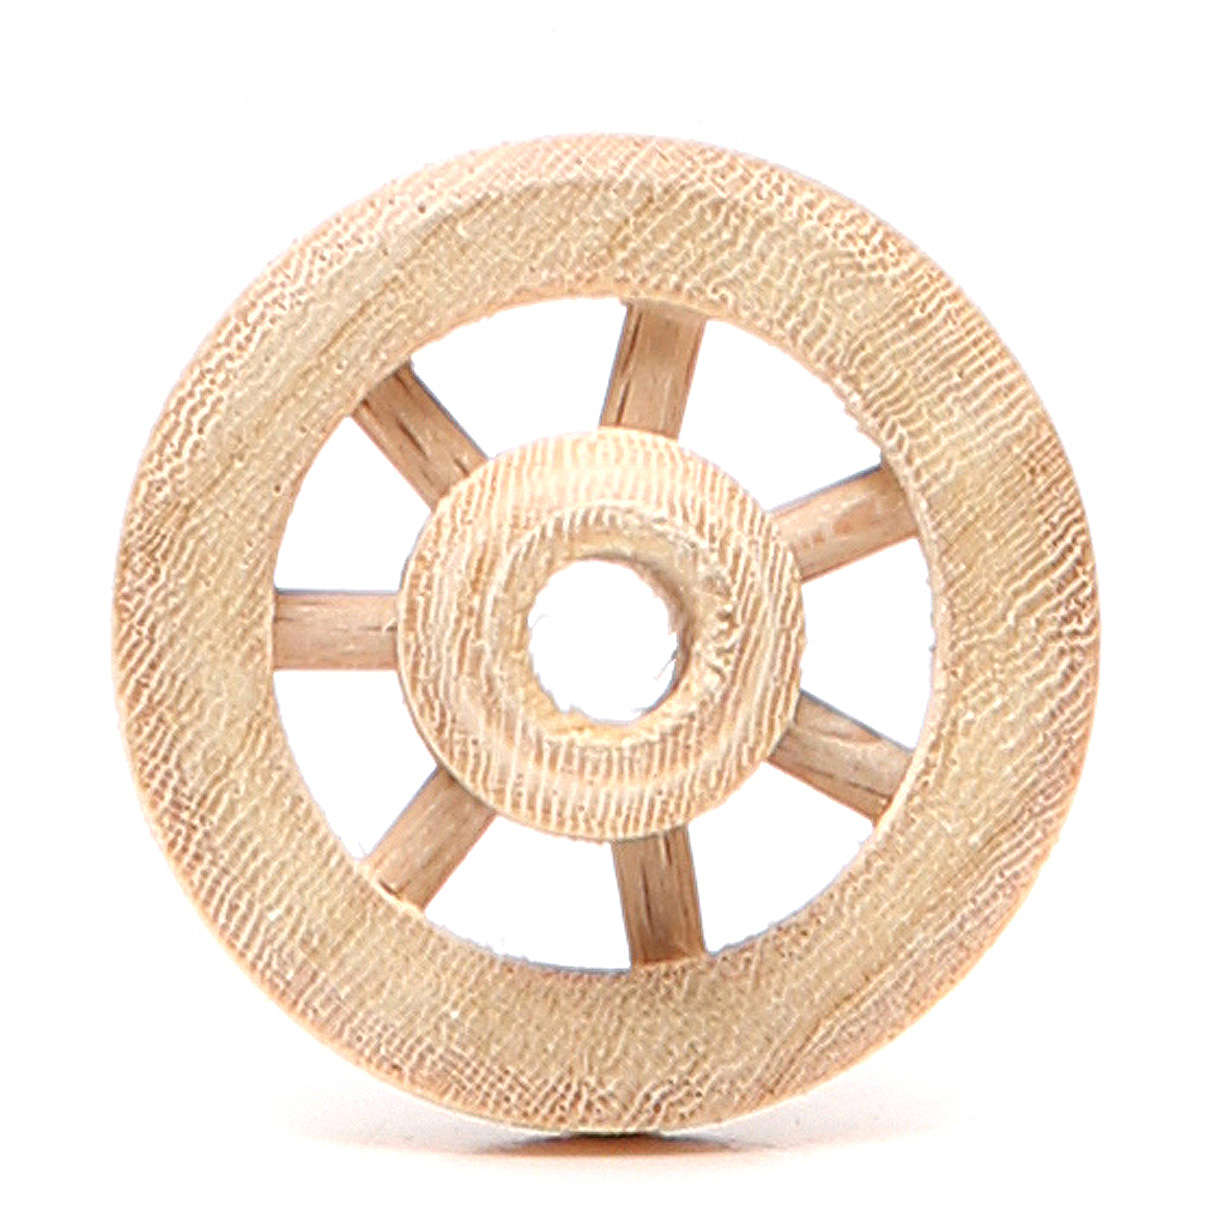 Wooden wheel 3.5cm diameter 4